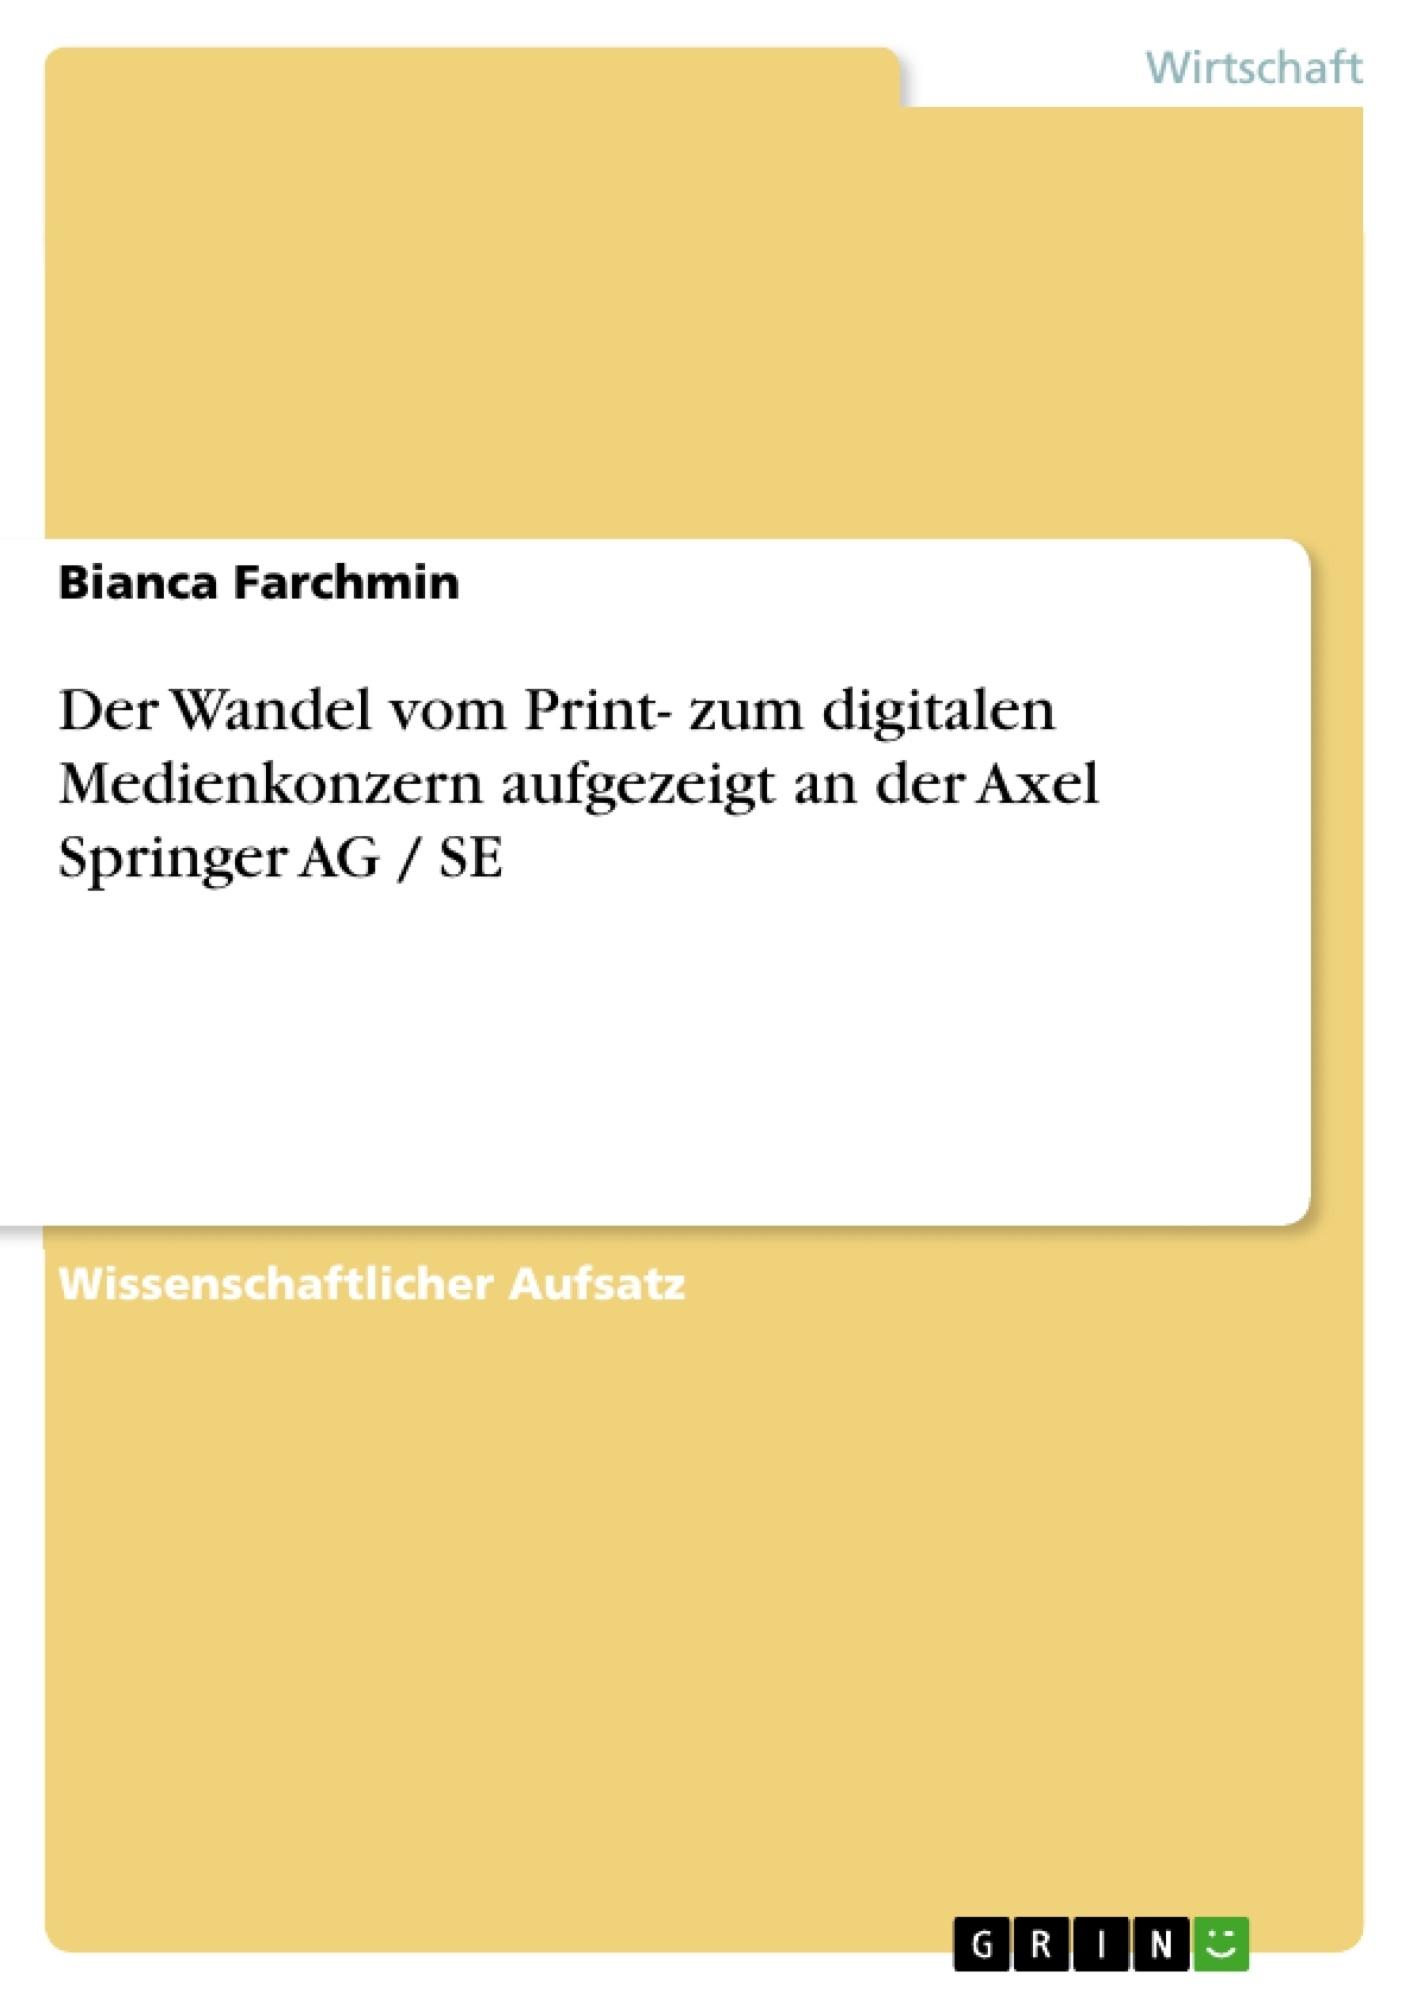 Titel: Der Wandel vom Print- zum digitalen Medienkonzern aufgezeigt an der Axel Springer AG / SE